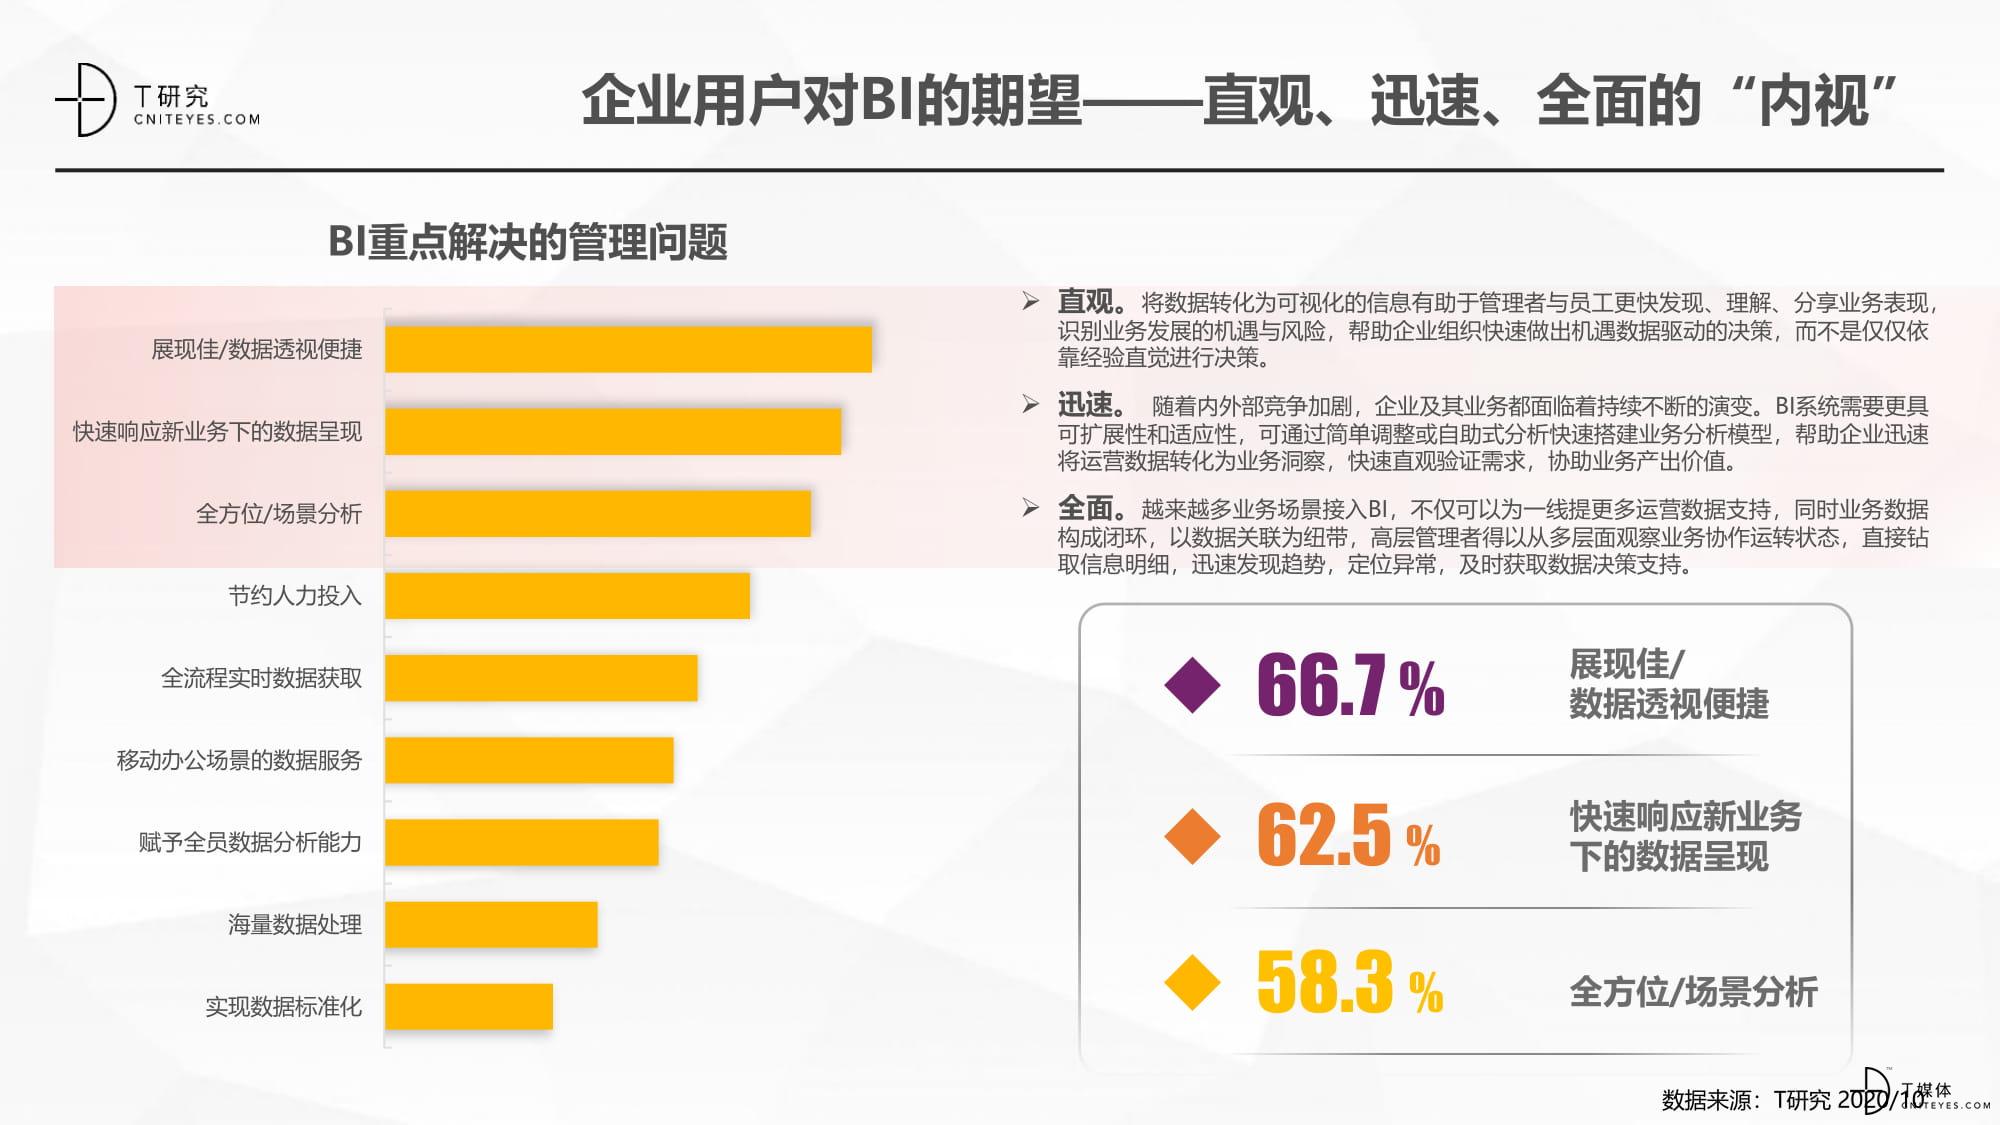 2020中国BI指数测评报告-07.jpg